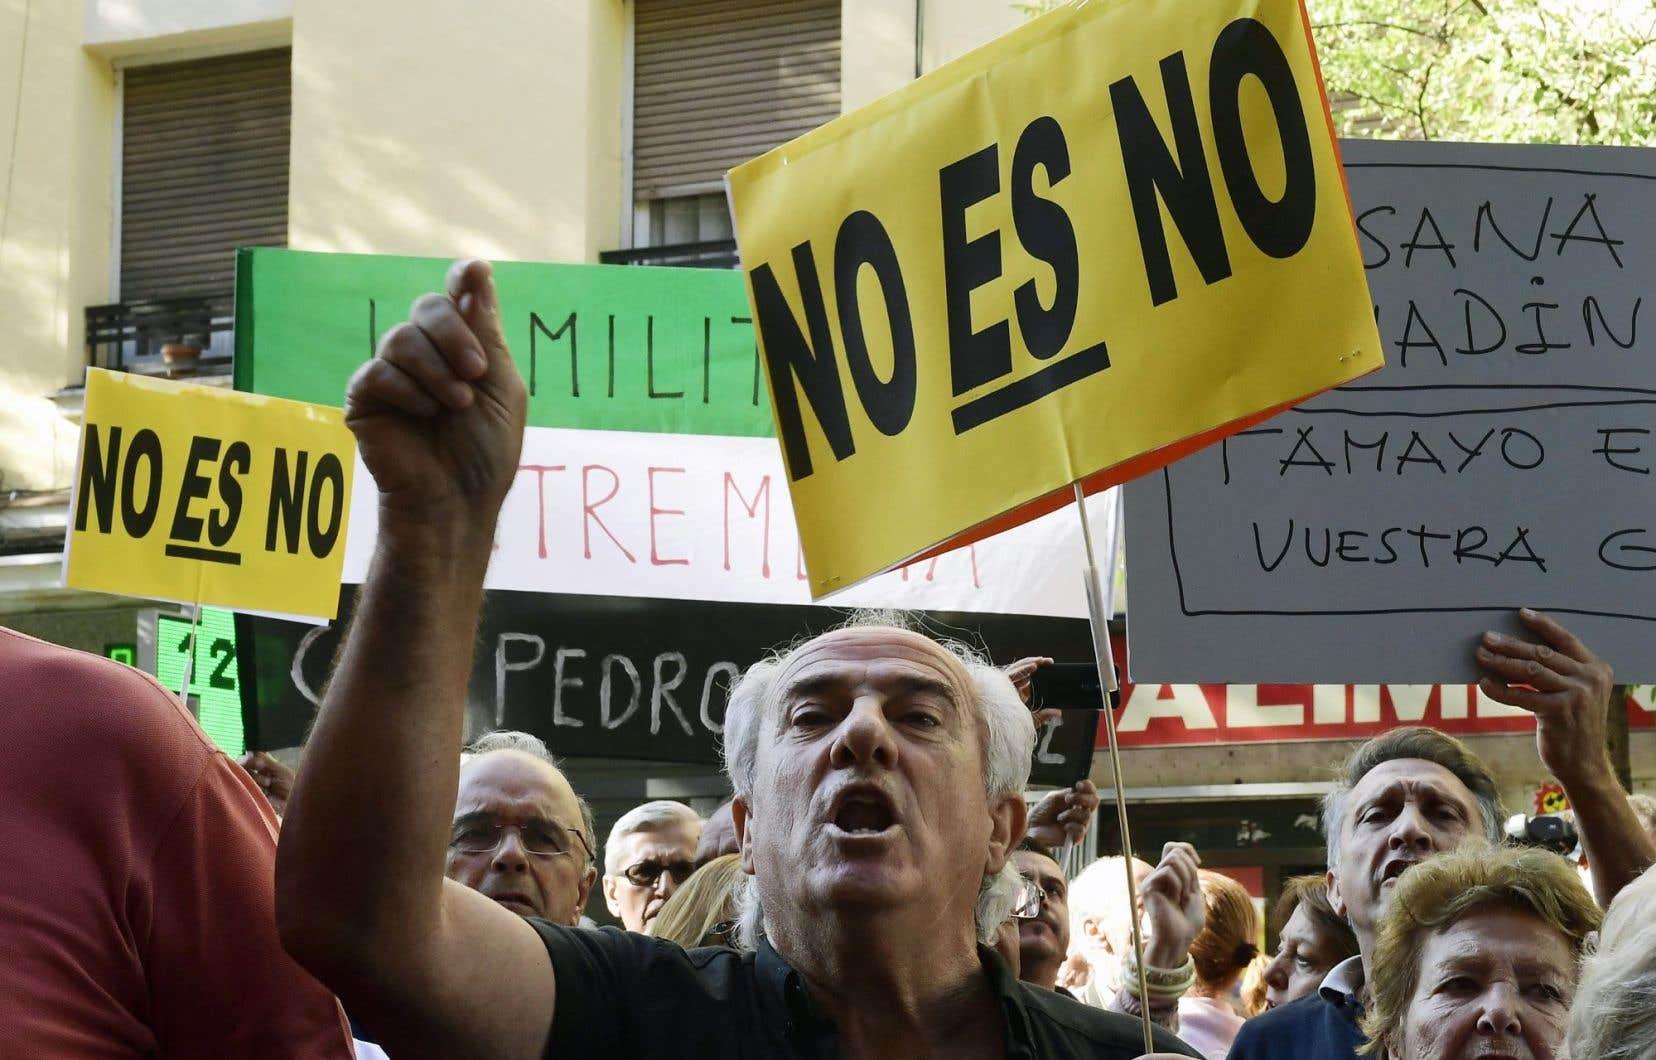 Pedro Sanchez a défendu le «non, c'est non», estimant que le PSOE devait s'opposer au maintien au pouvoir d'un parti sali par la corruption. Plusieurs de ses partisans ont manifesté samedi pour l'appuyer pendant le congrès du parti, à Madrid.